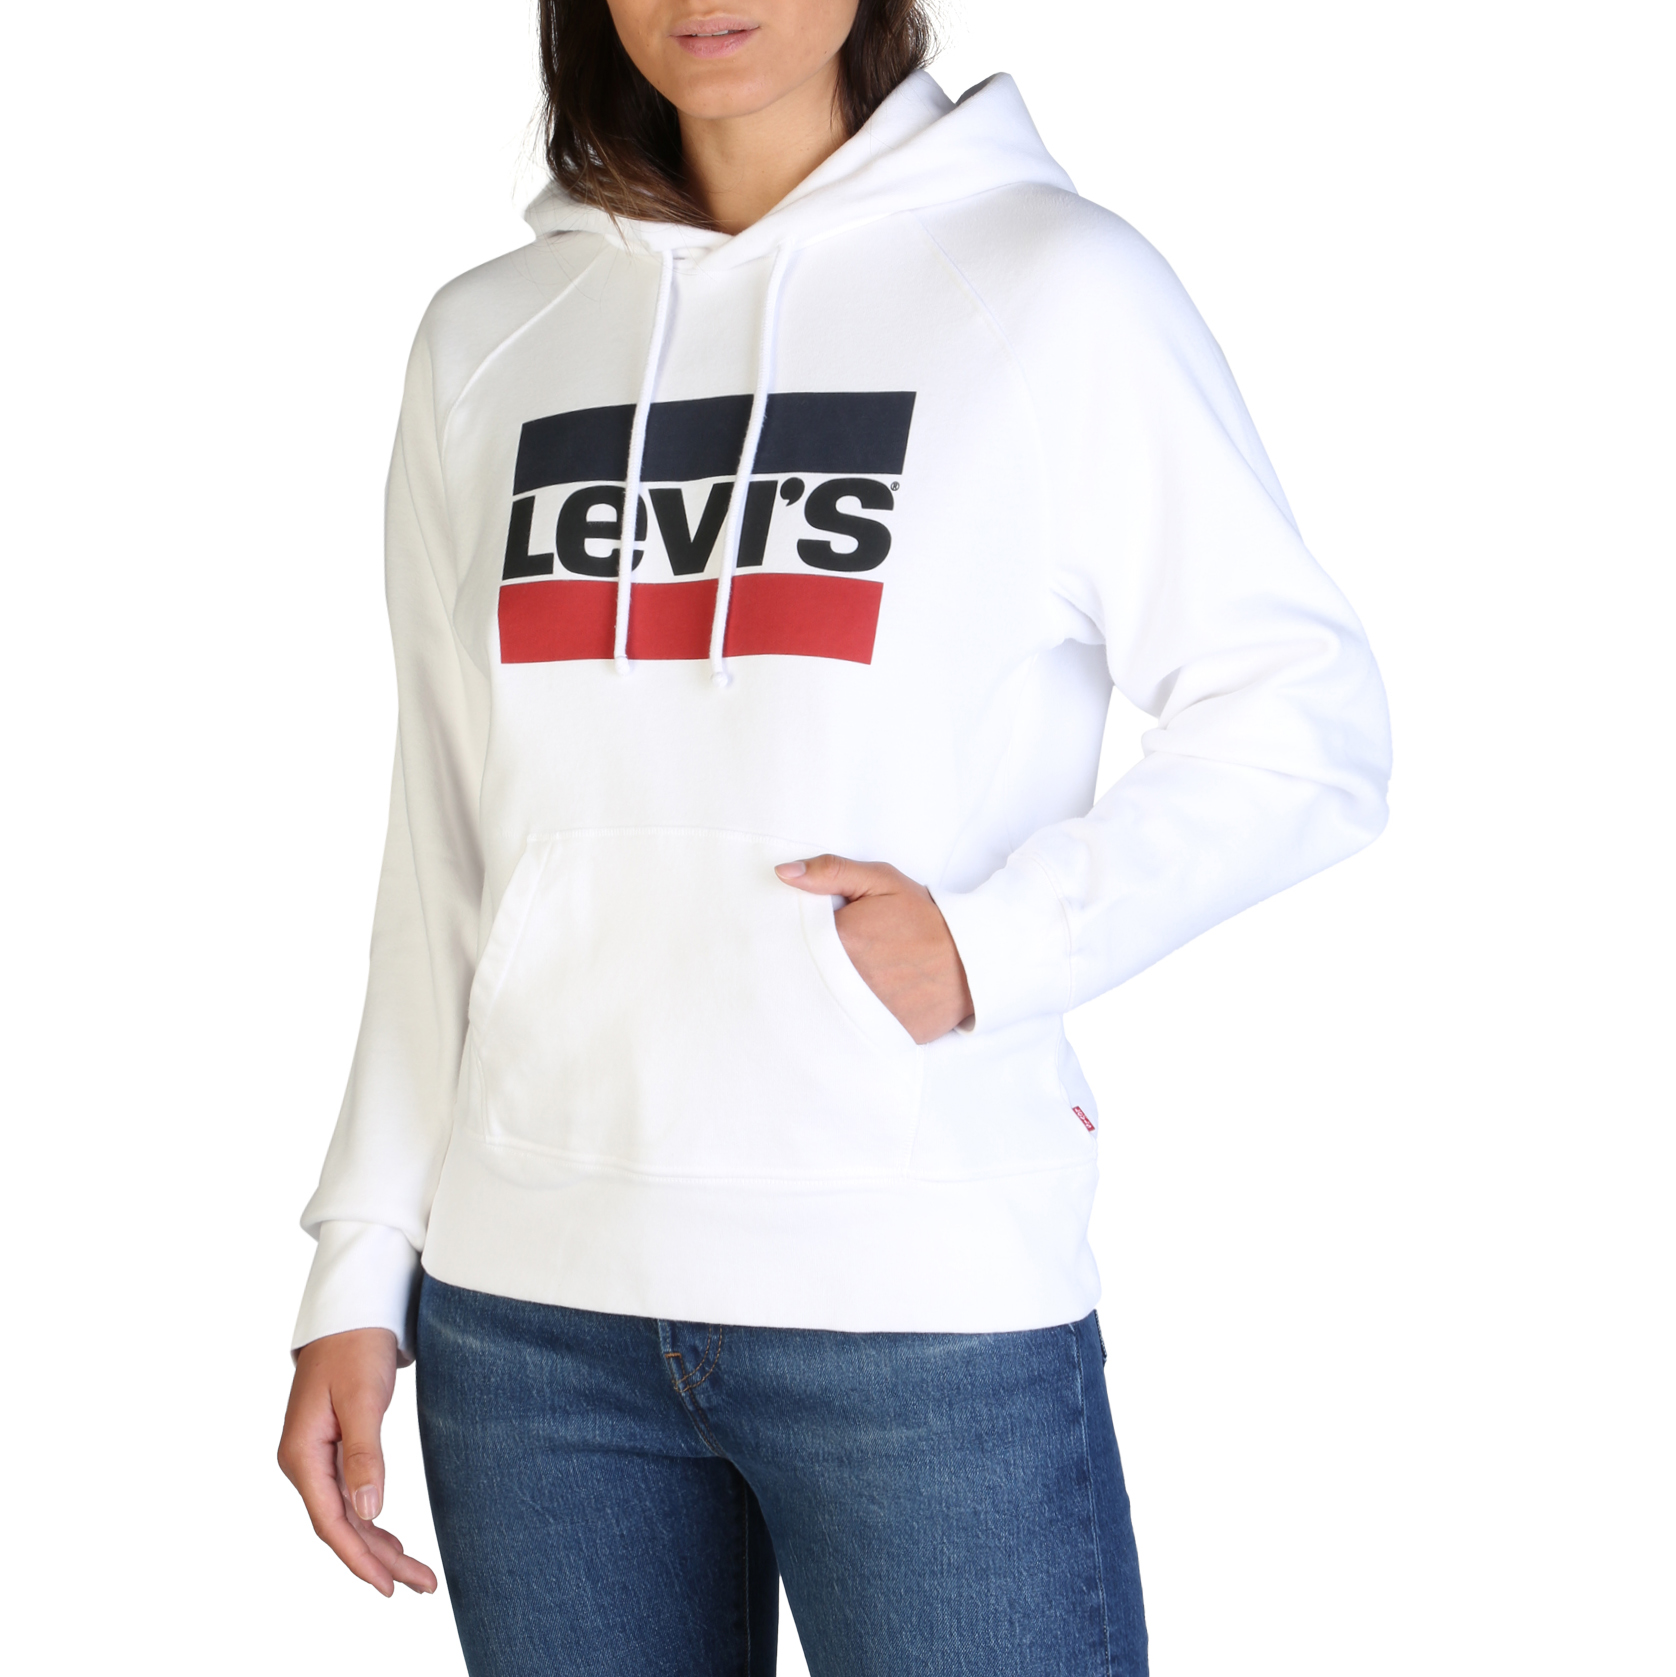 Levis 35946